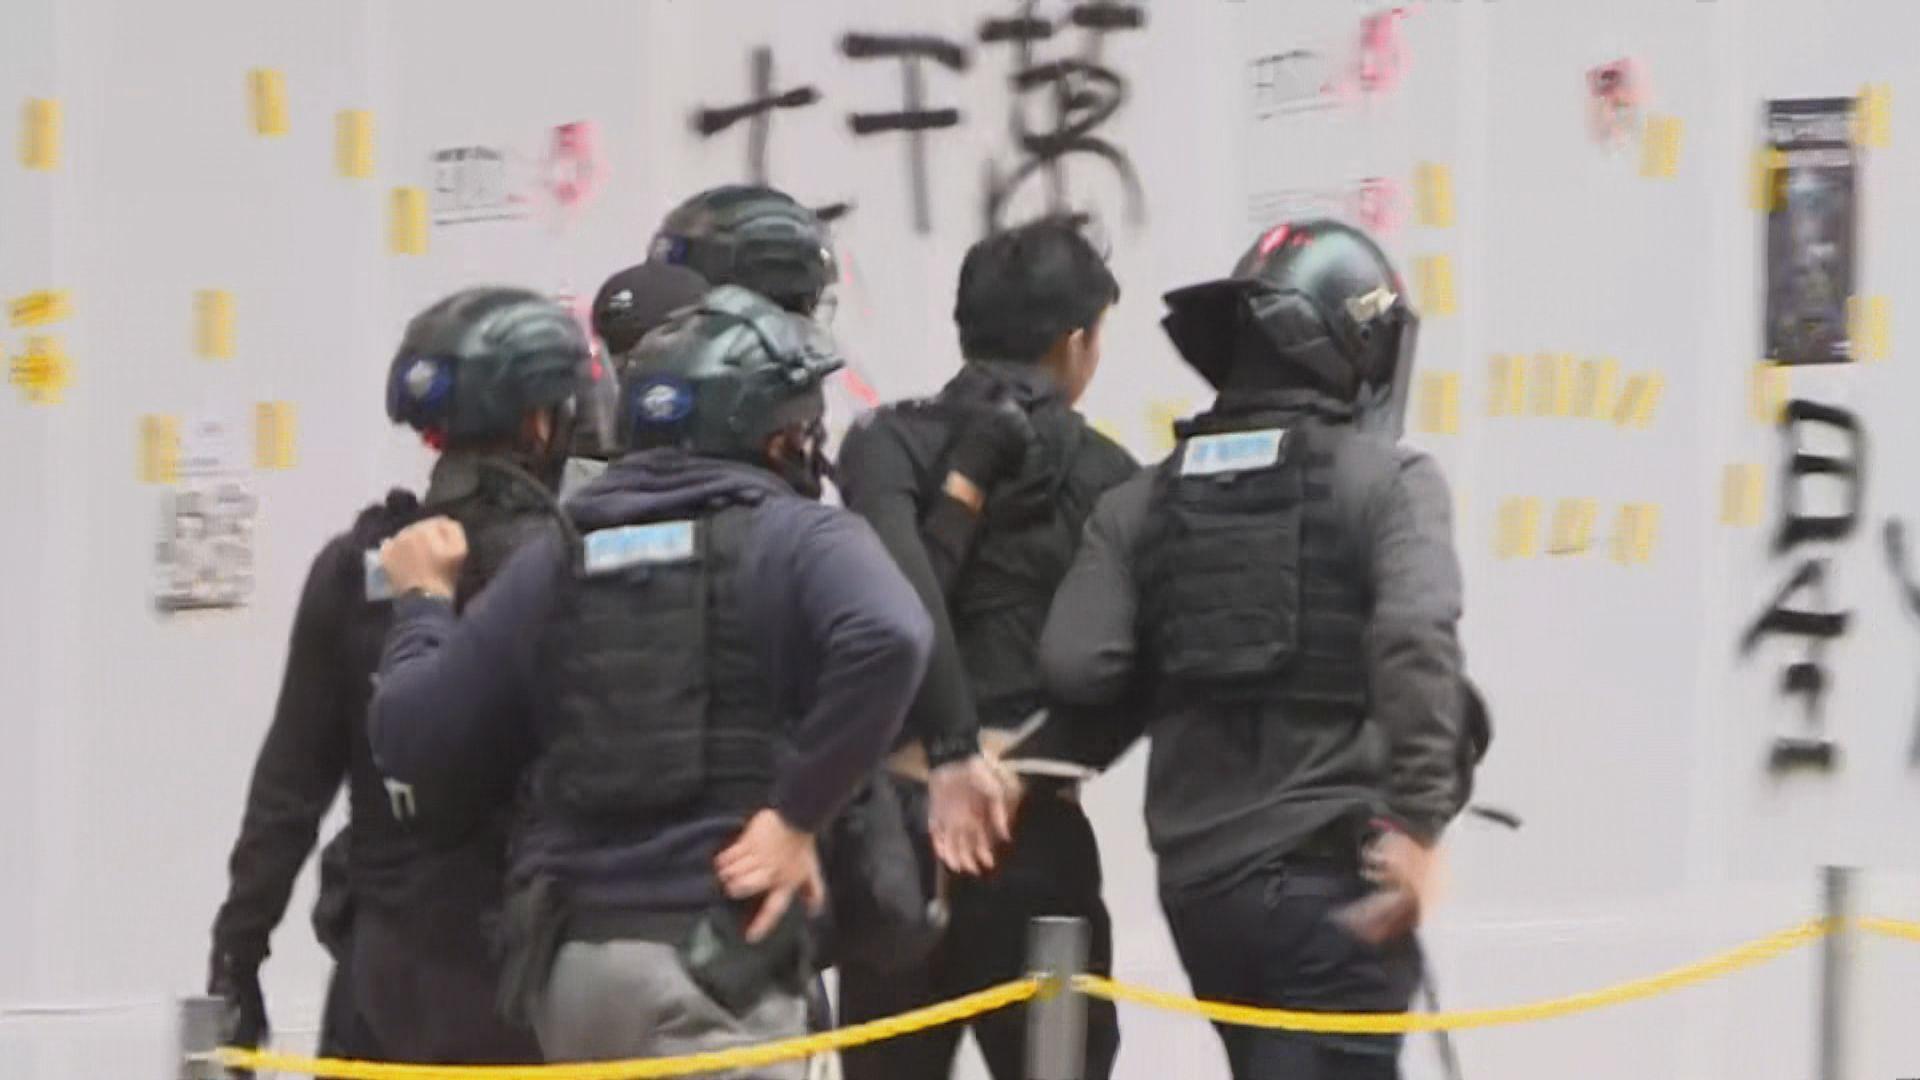 元旦遊行十二人被起訴藏武器及刑毀等罪名